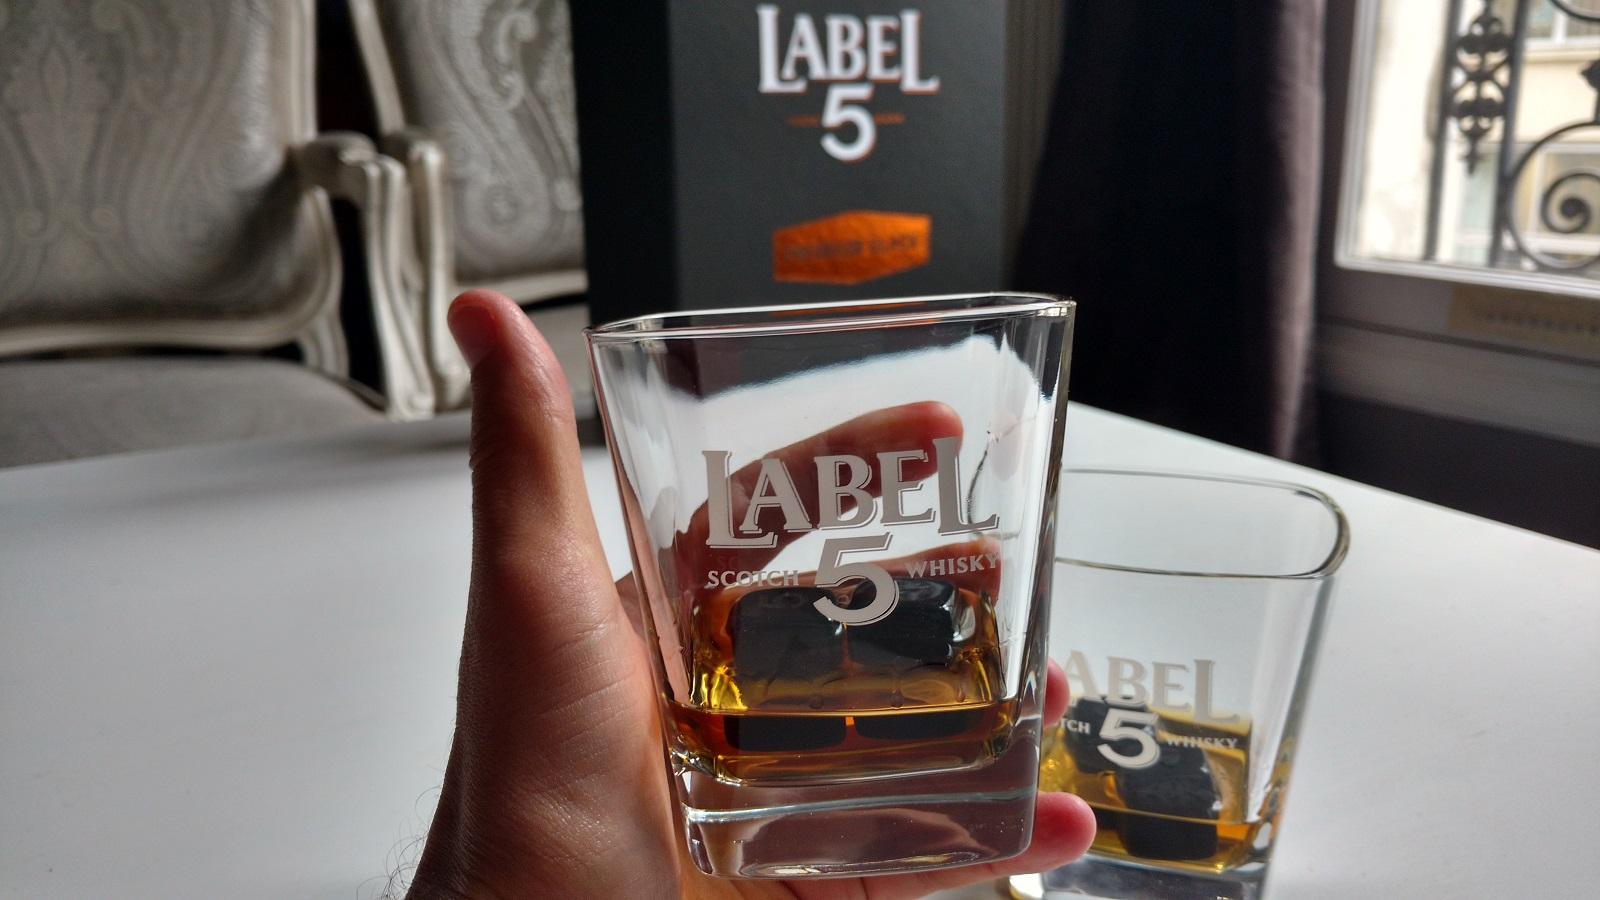 Label 5 whisky Premium Black